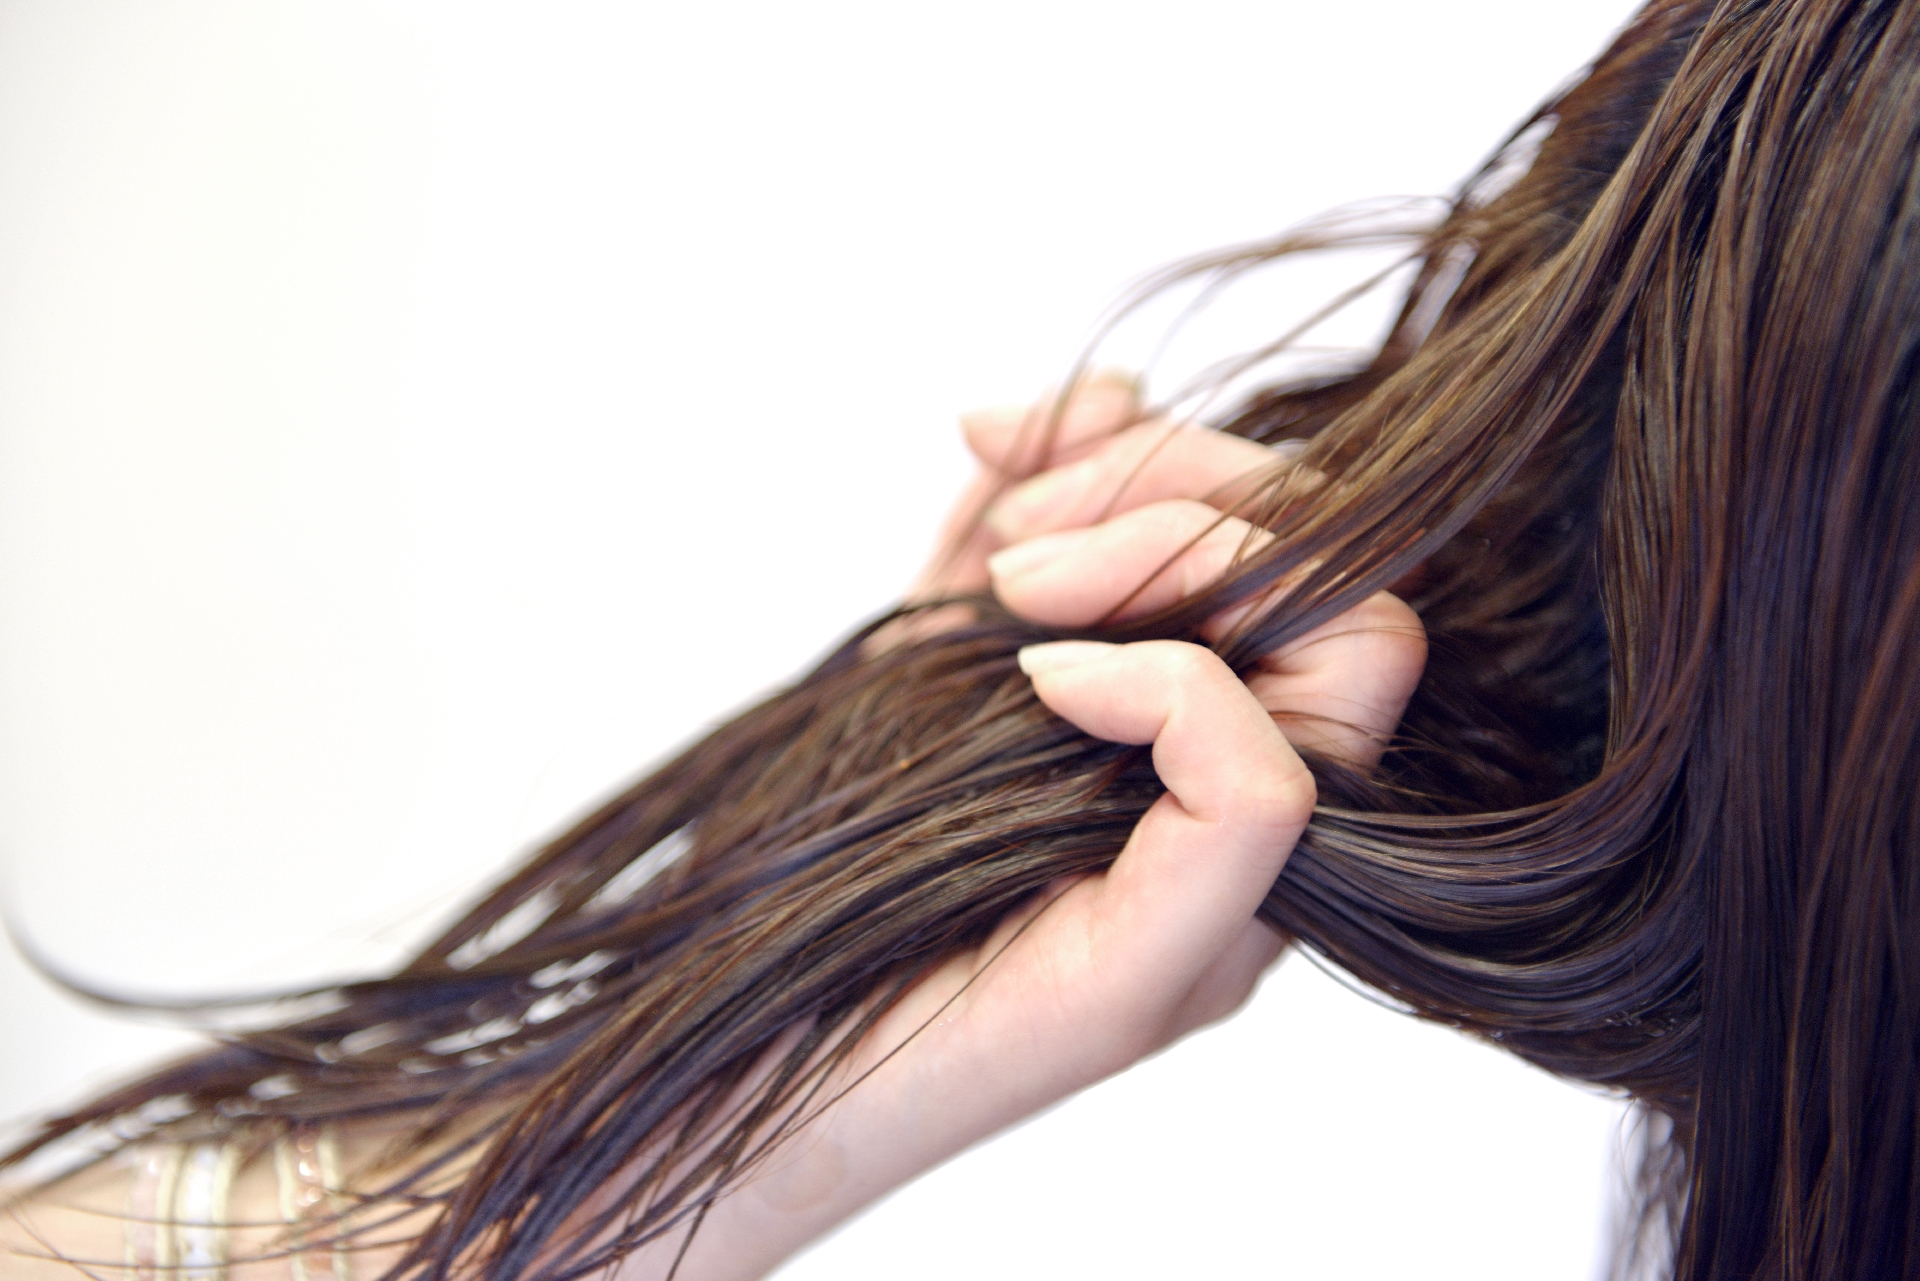 ごわごわする髪の毛